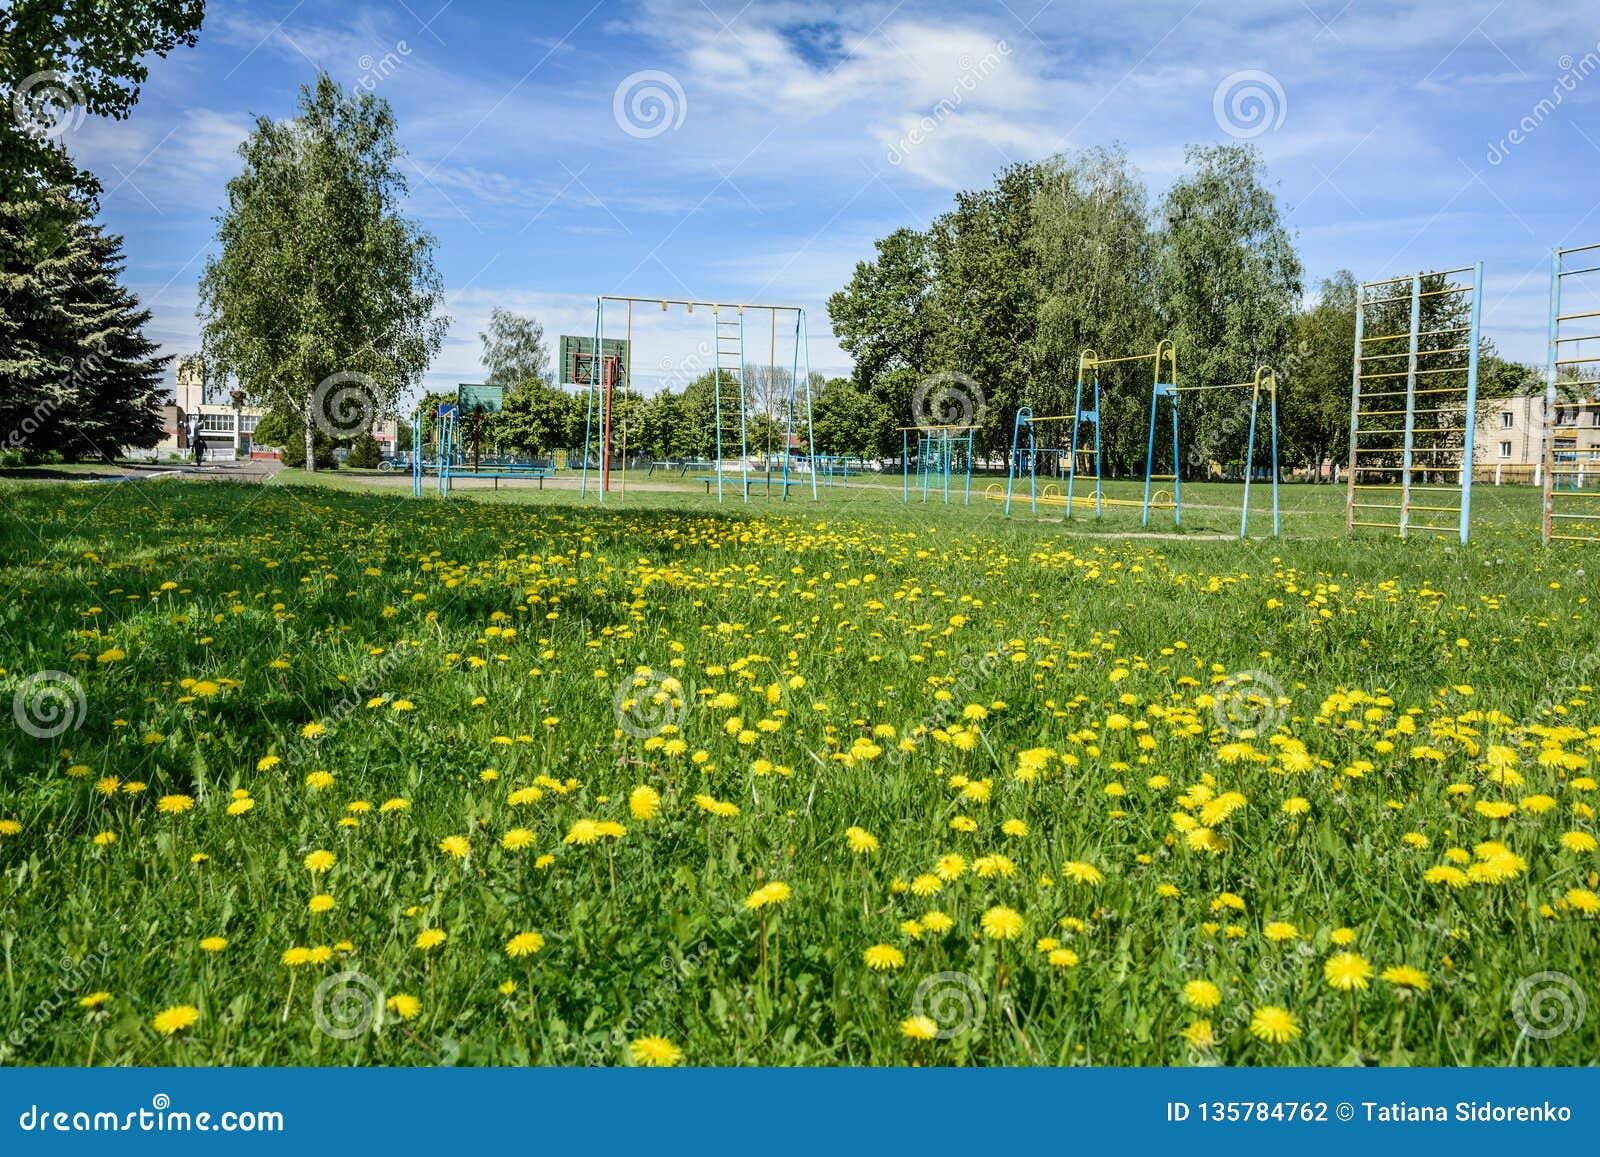 Spielplatz für Kinder und Jugendliche im Dorf